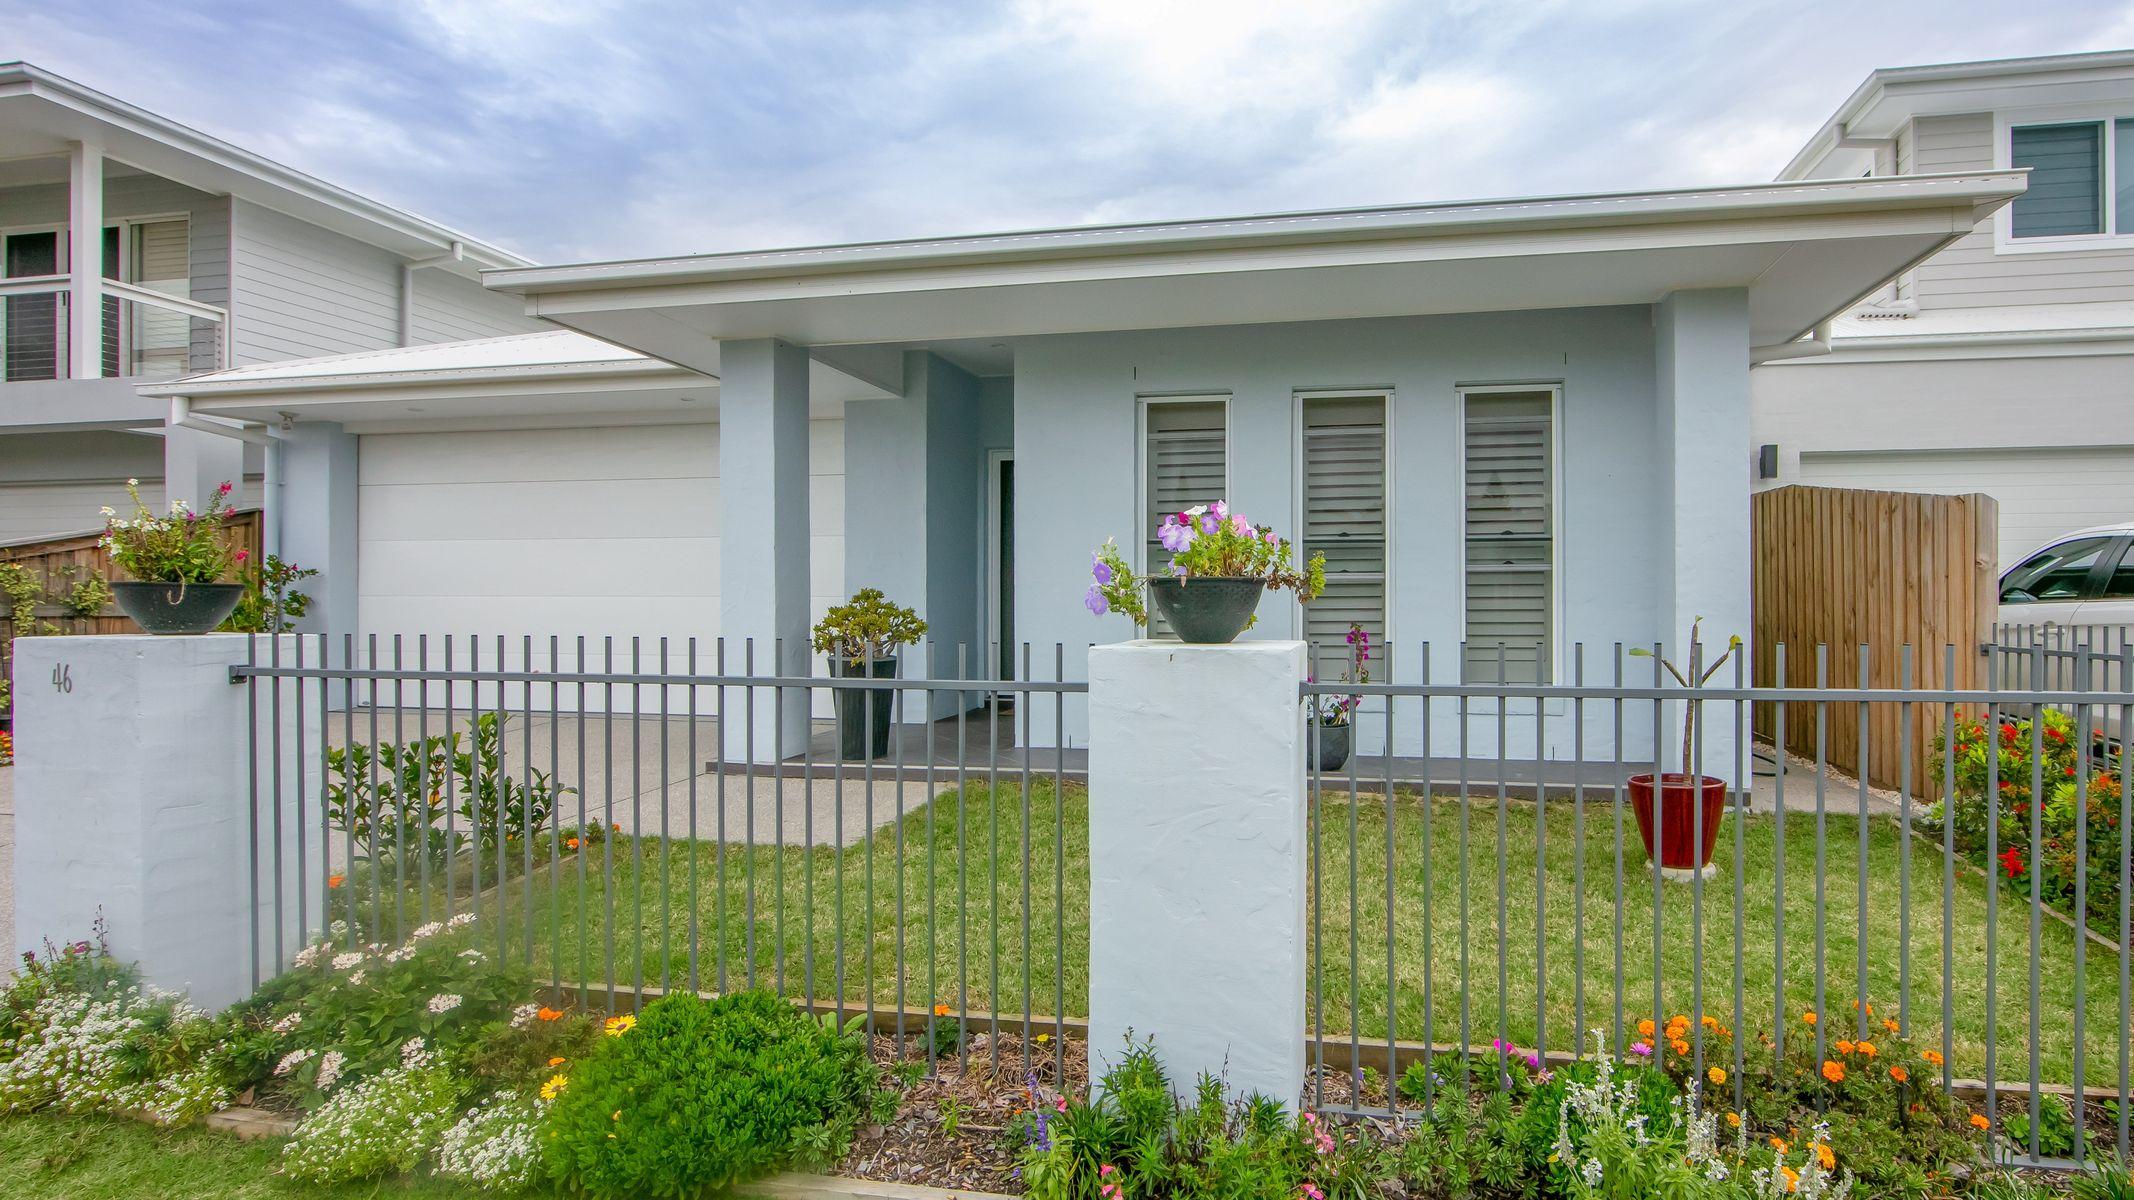 46 The Drive, Yamba, NSW 2464